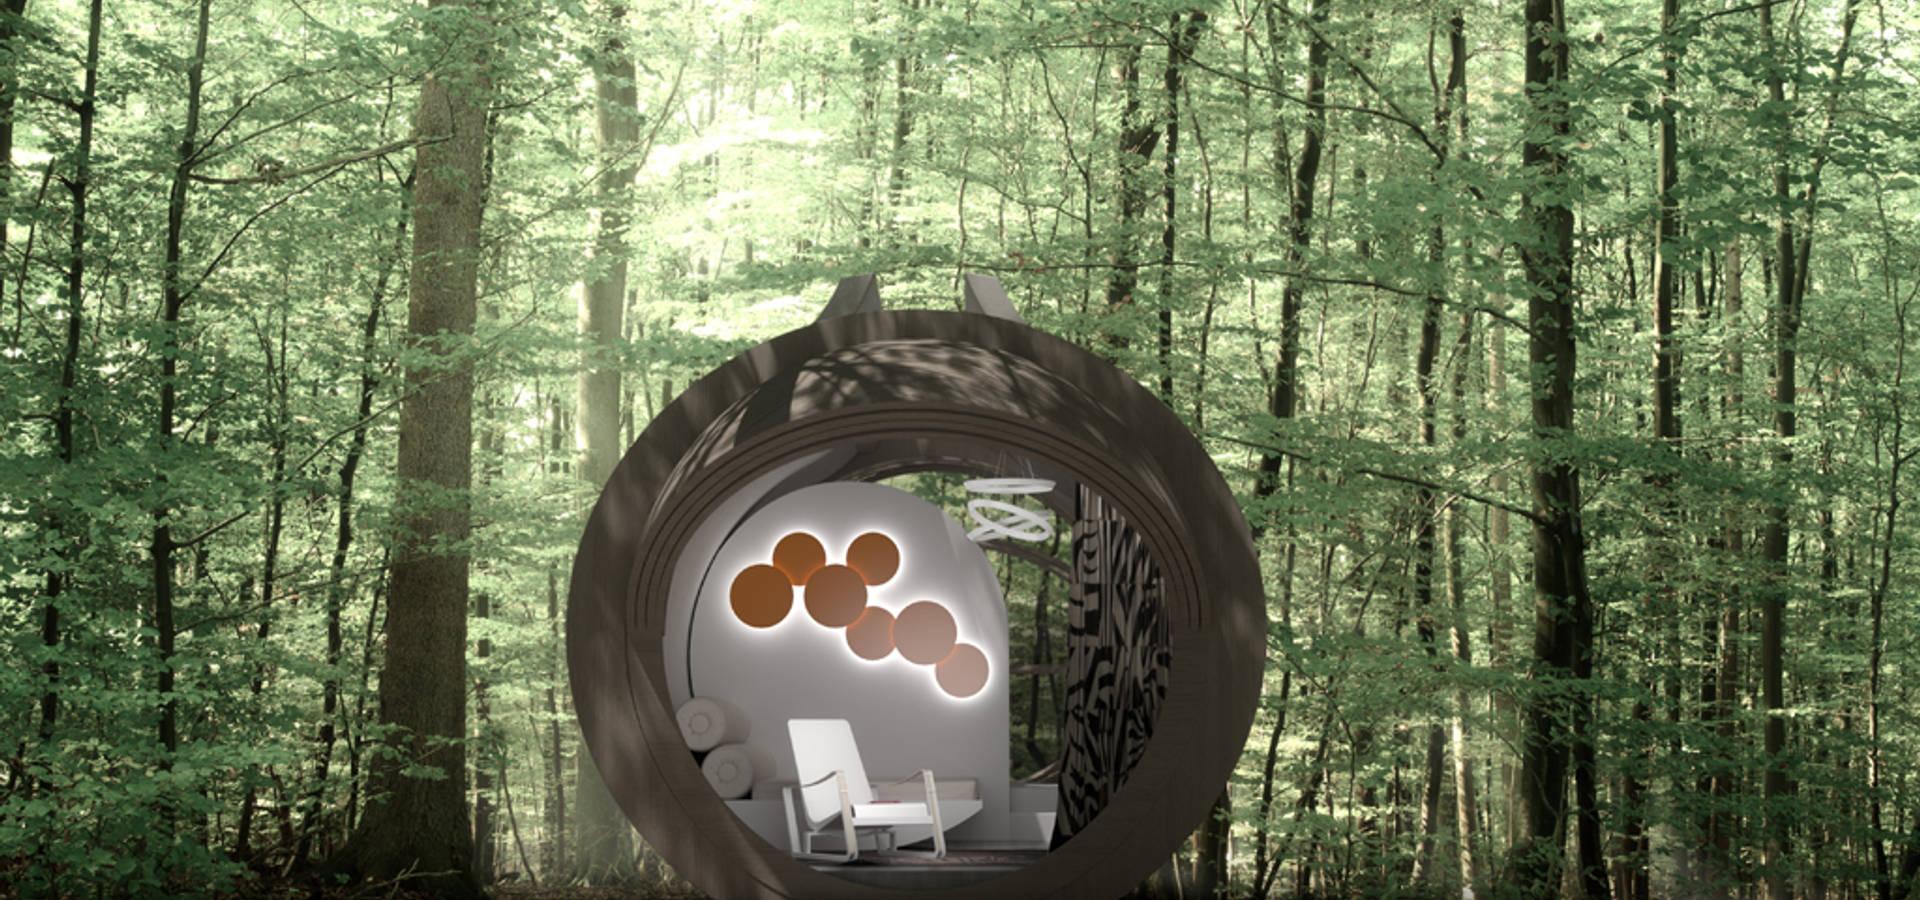 In-Tenta design